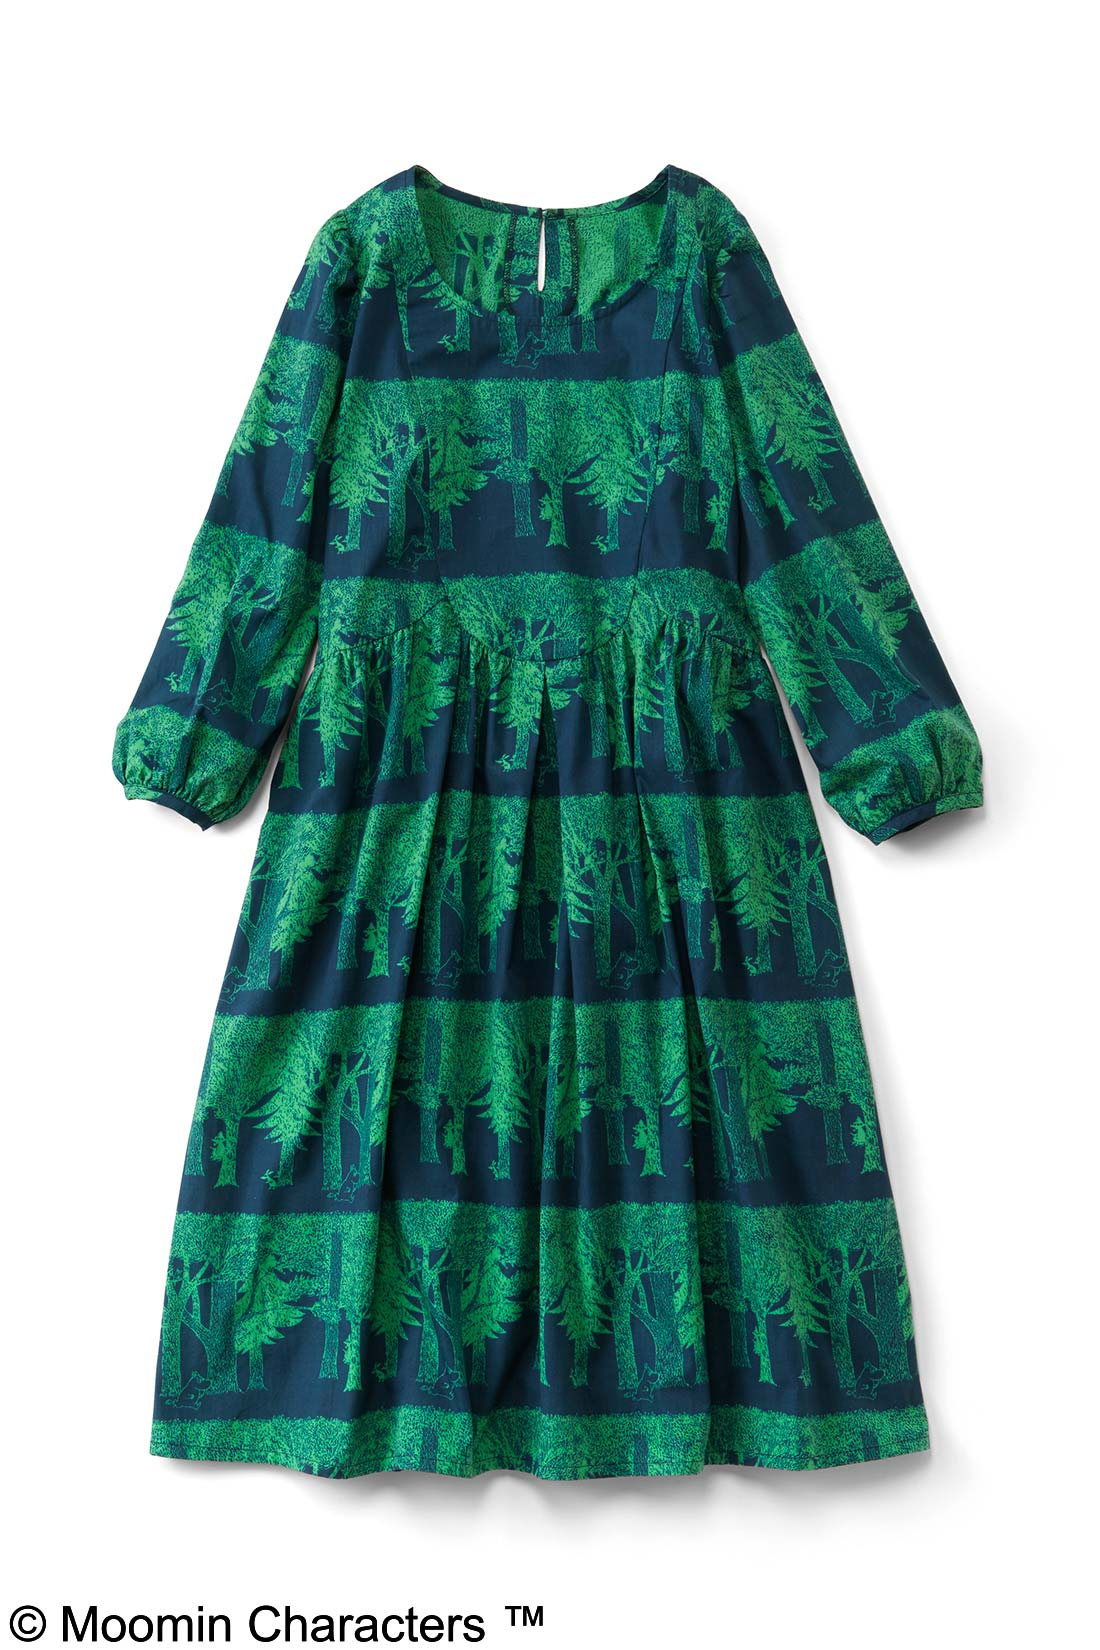 【ネイビー×グリーン】ボーダーのように配置された木々が素敵でしょ。スカート部分には裏地付き。